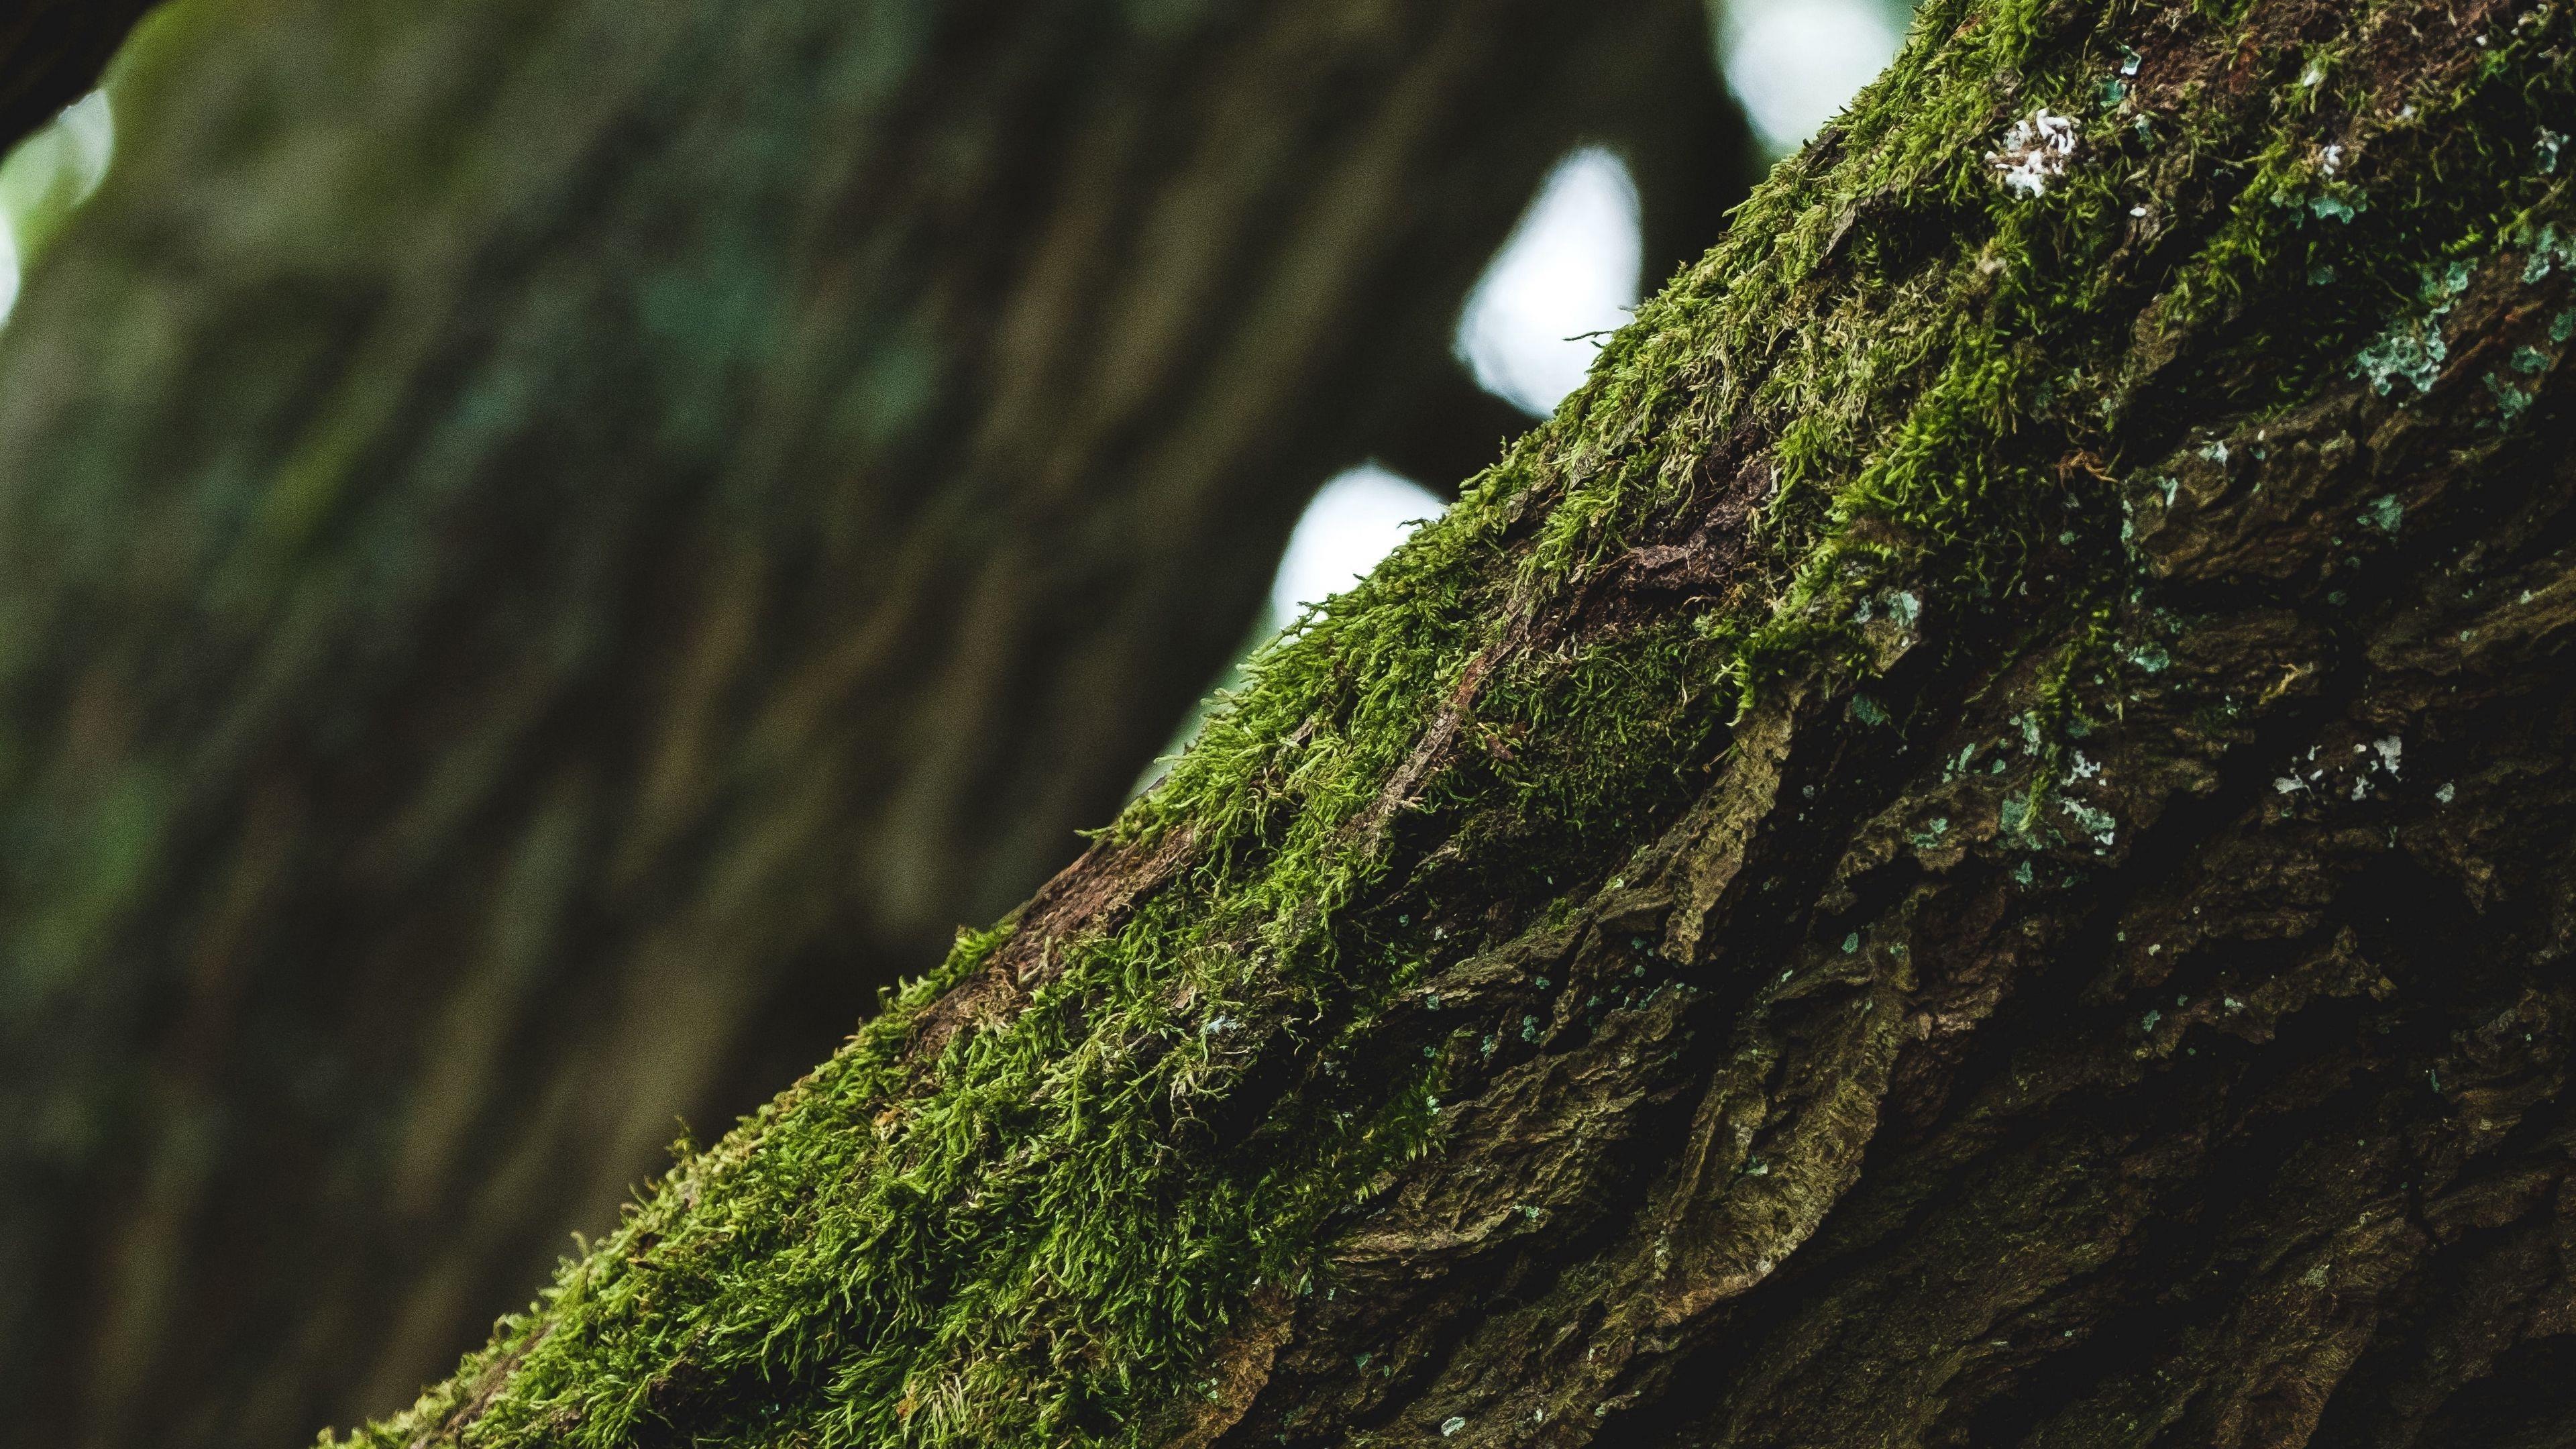 Дерево кора мох фокус фон обои скачать